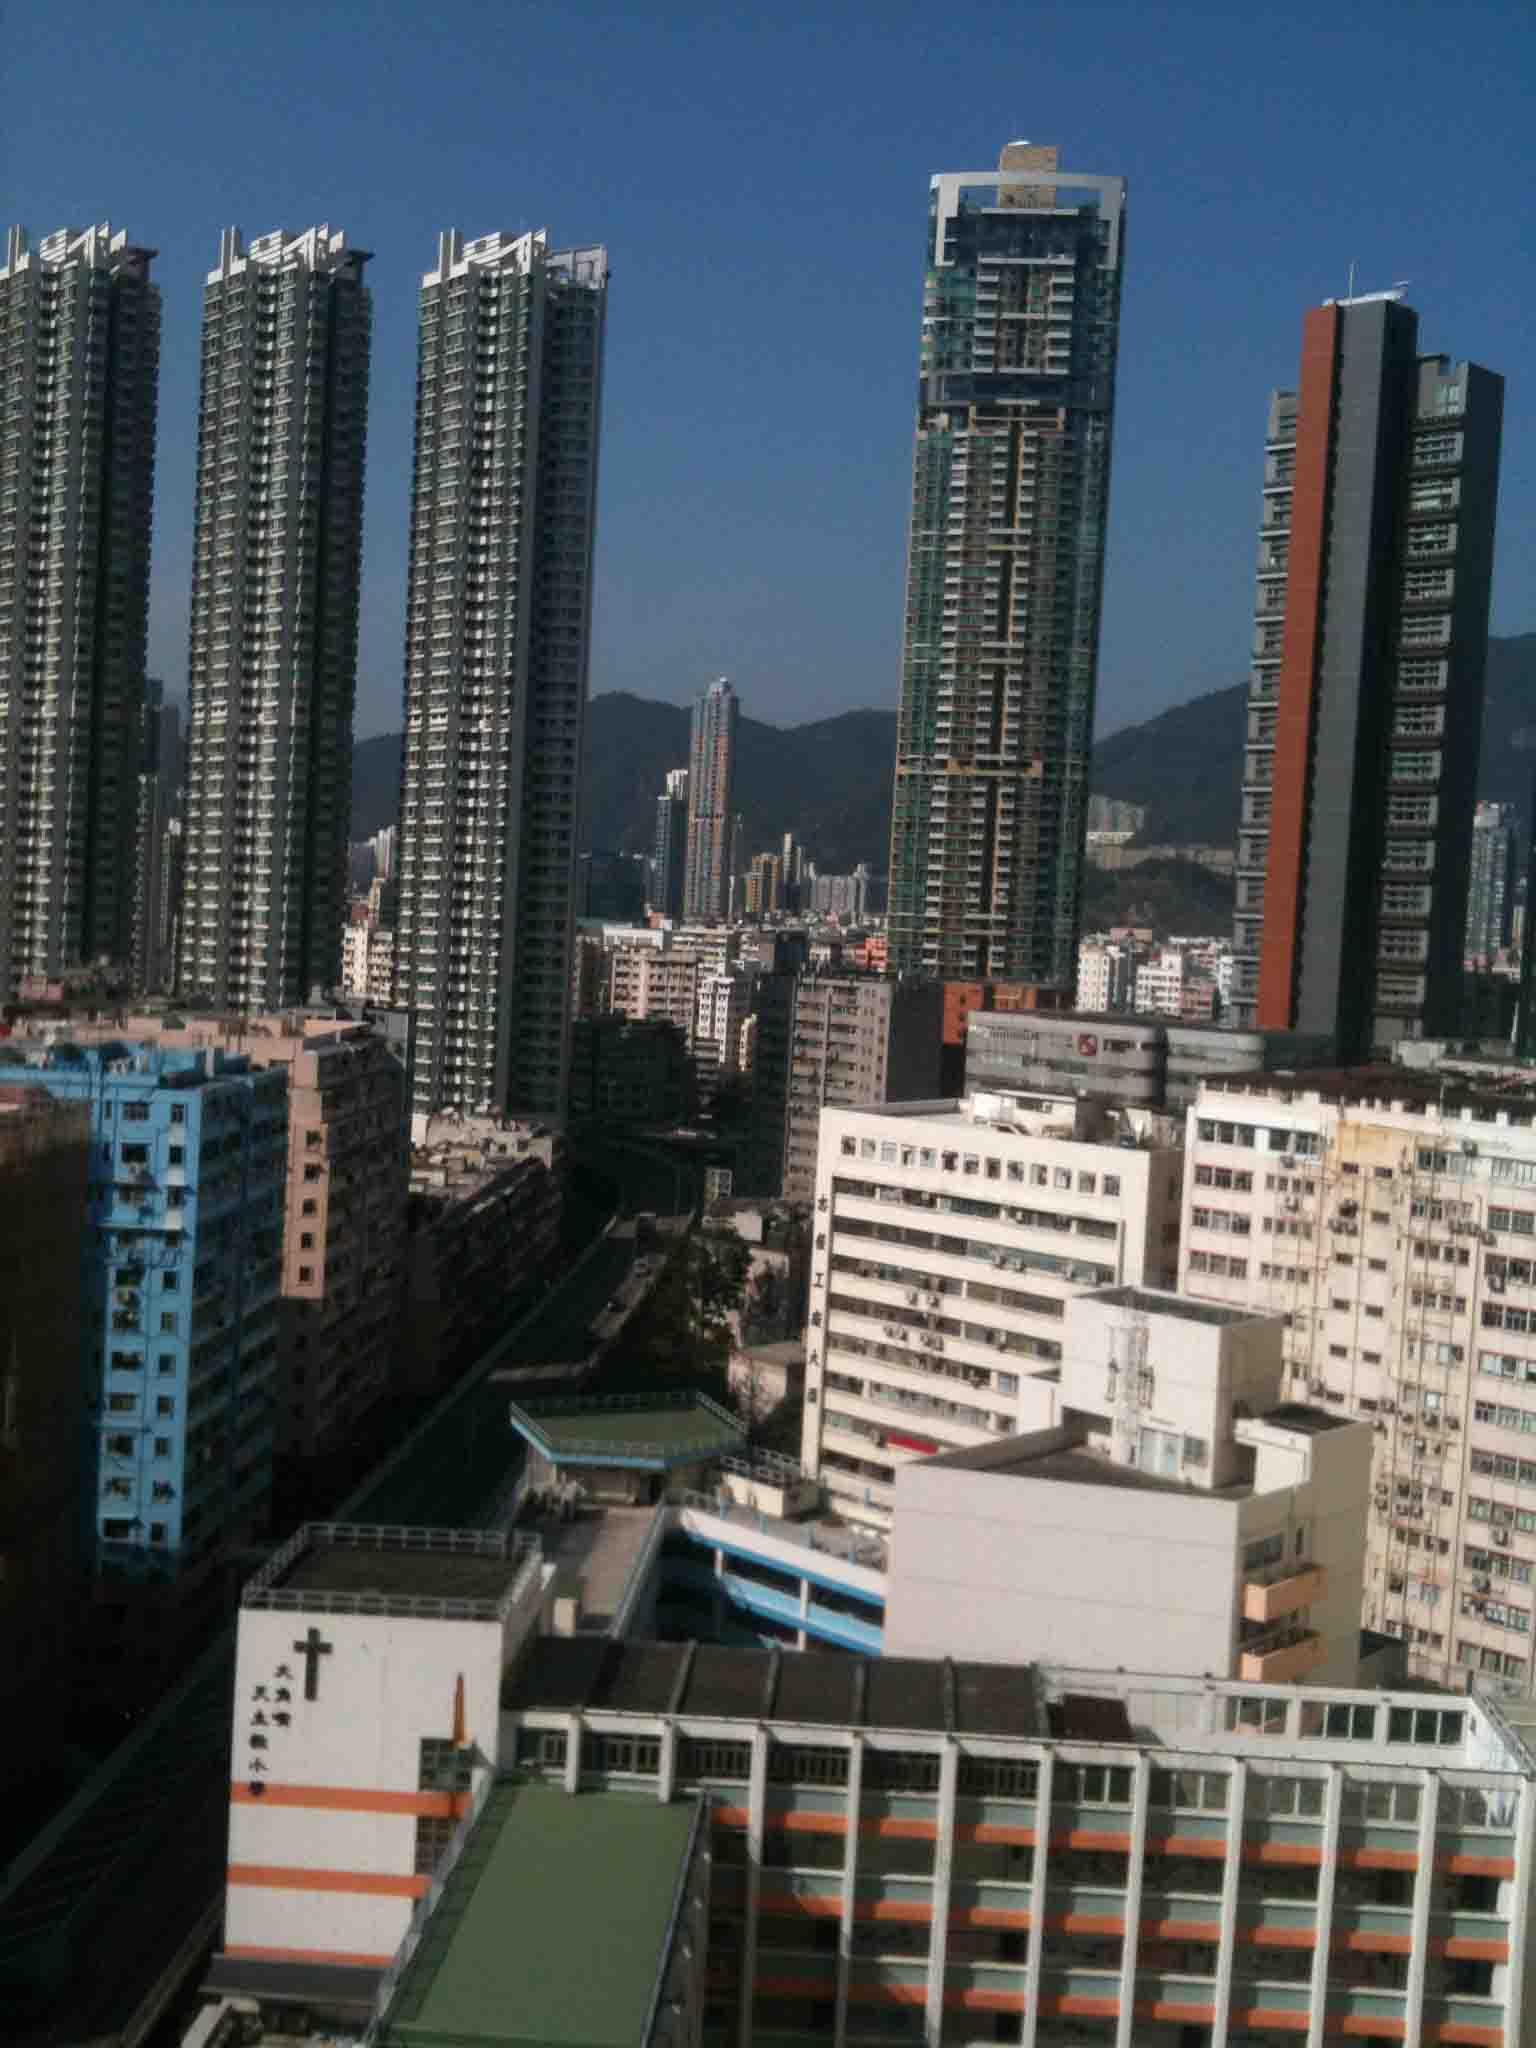 香港ホテル&街市_a0175348_10132632.jpg